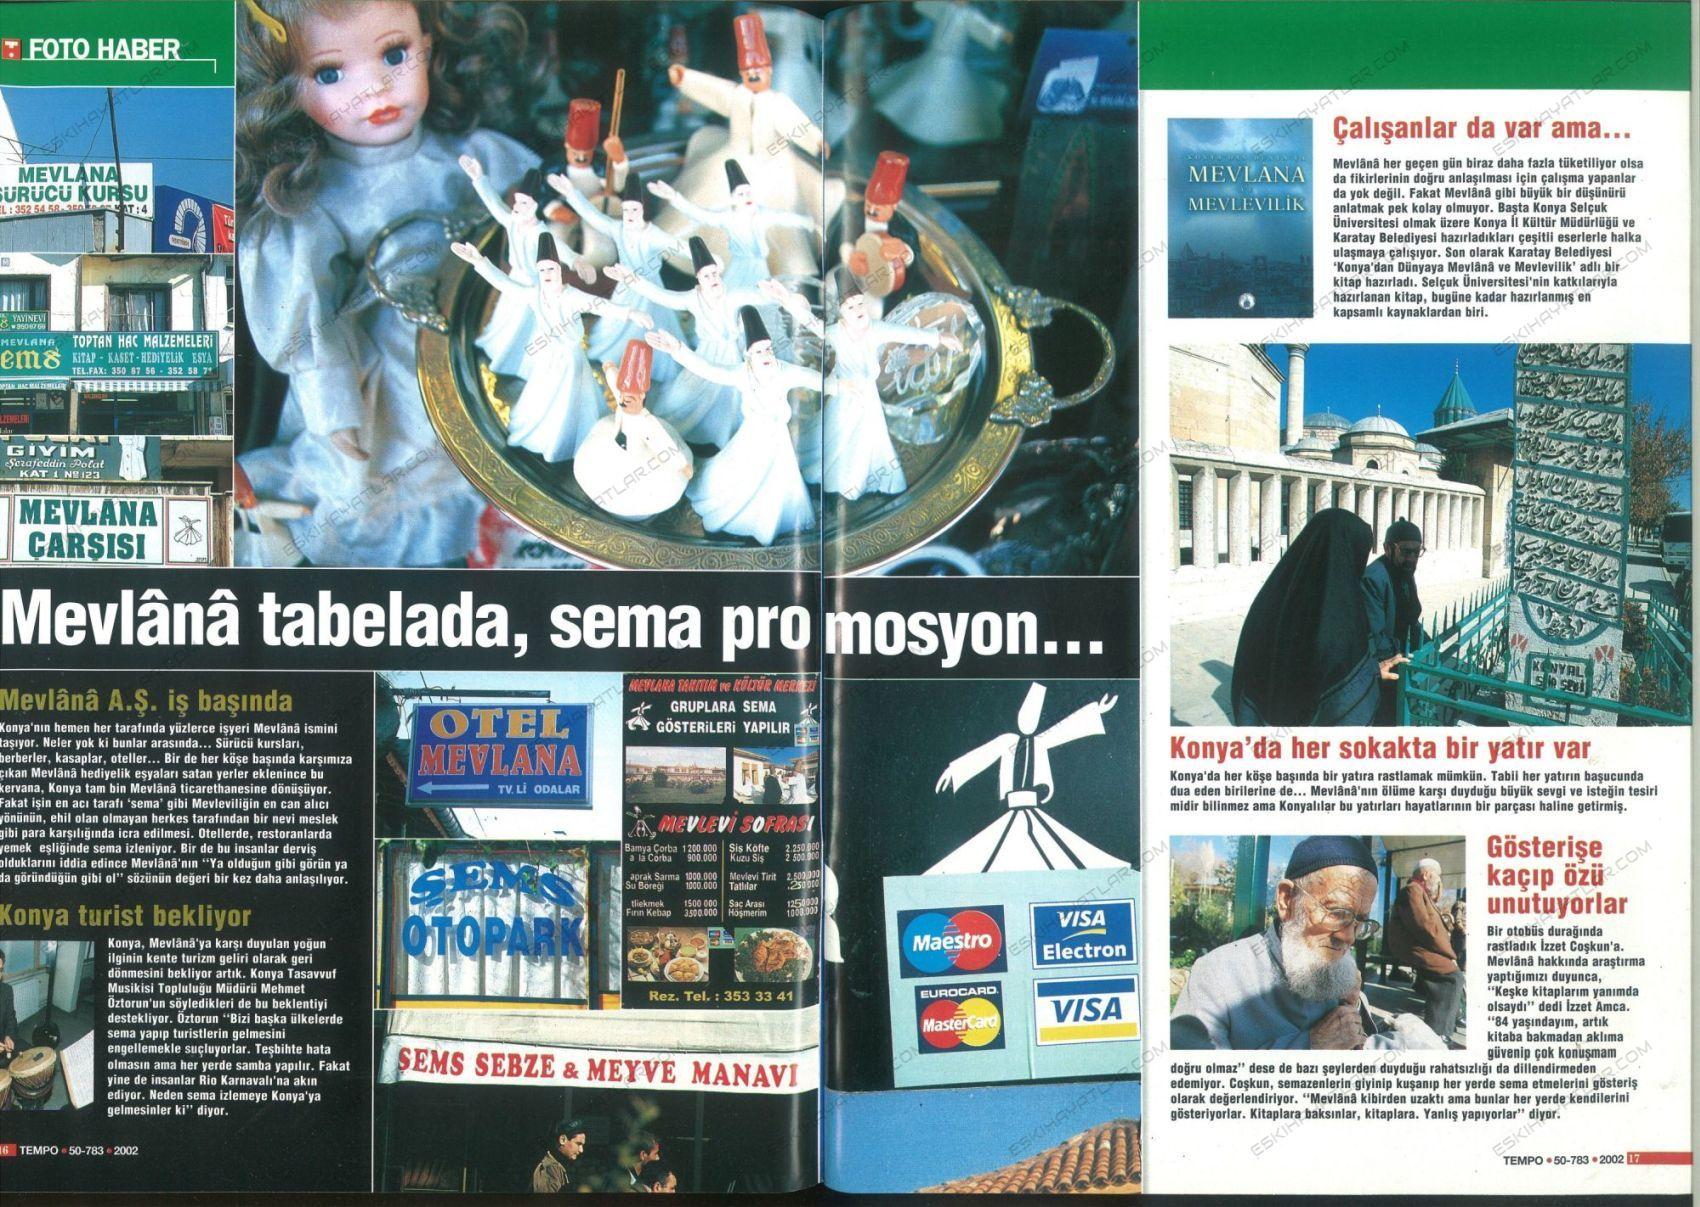 0299-mevlevi-tarikatlari-sema-ayinleri-2002-tempo-dergisi (4)